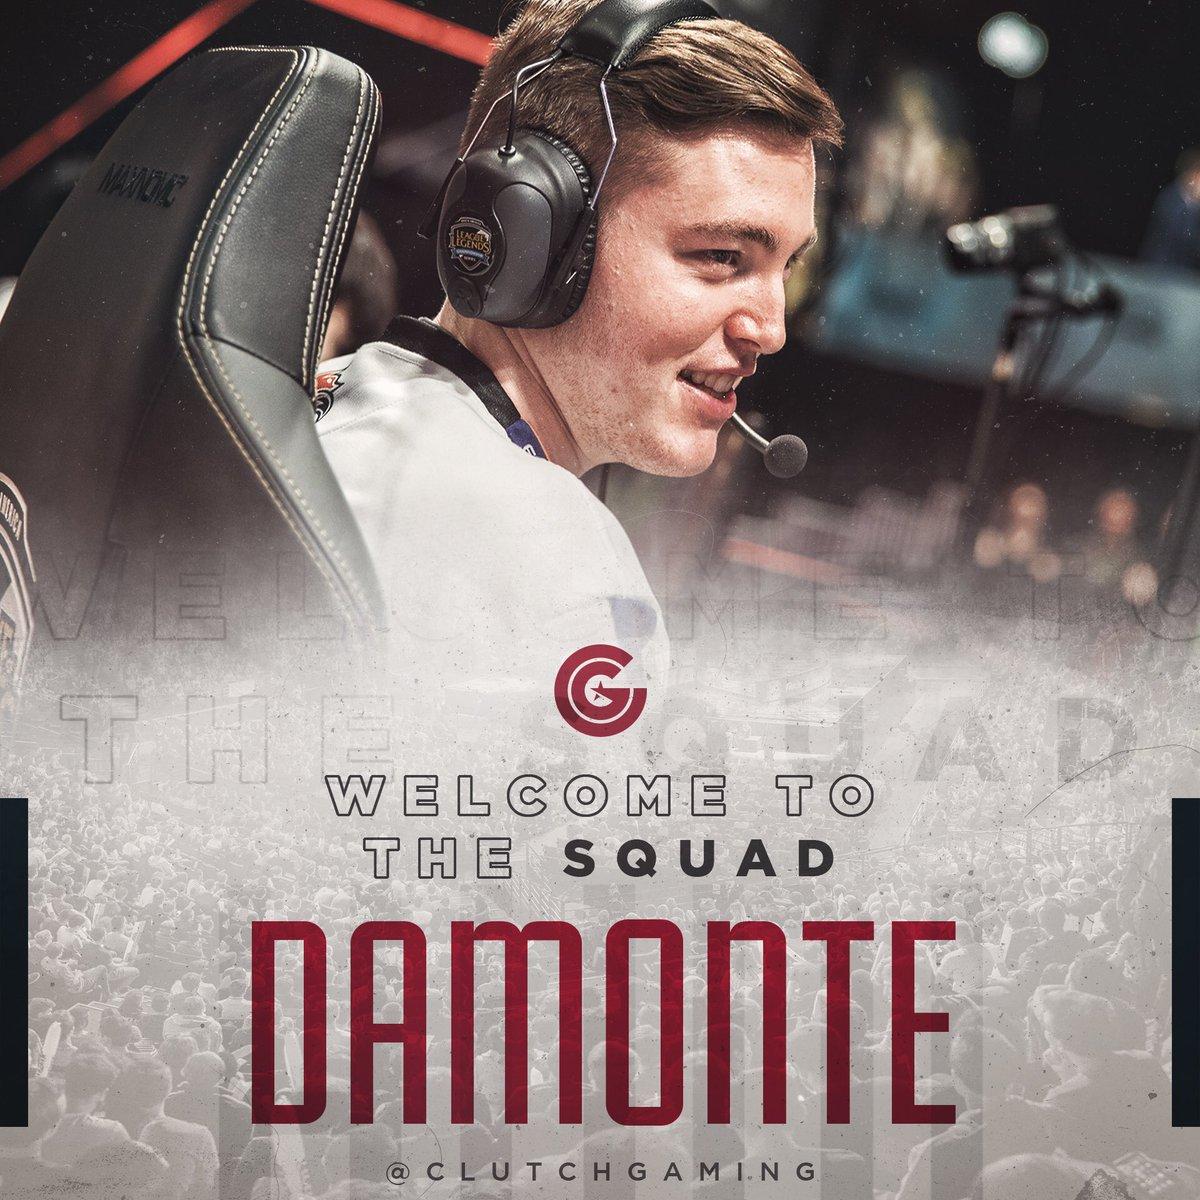 Hasil gambar untuk Damonte Clutch Gaming